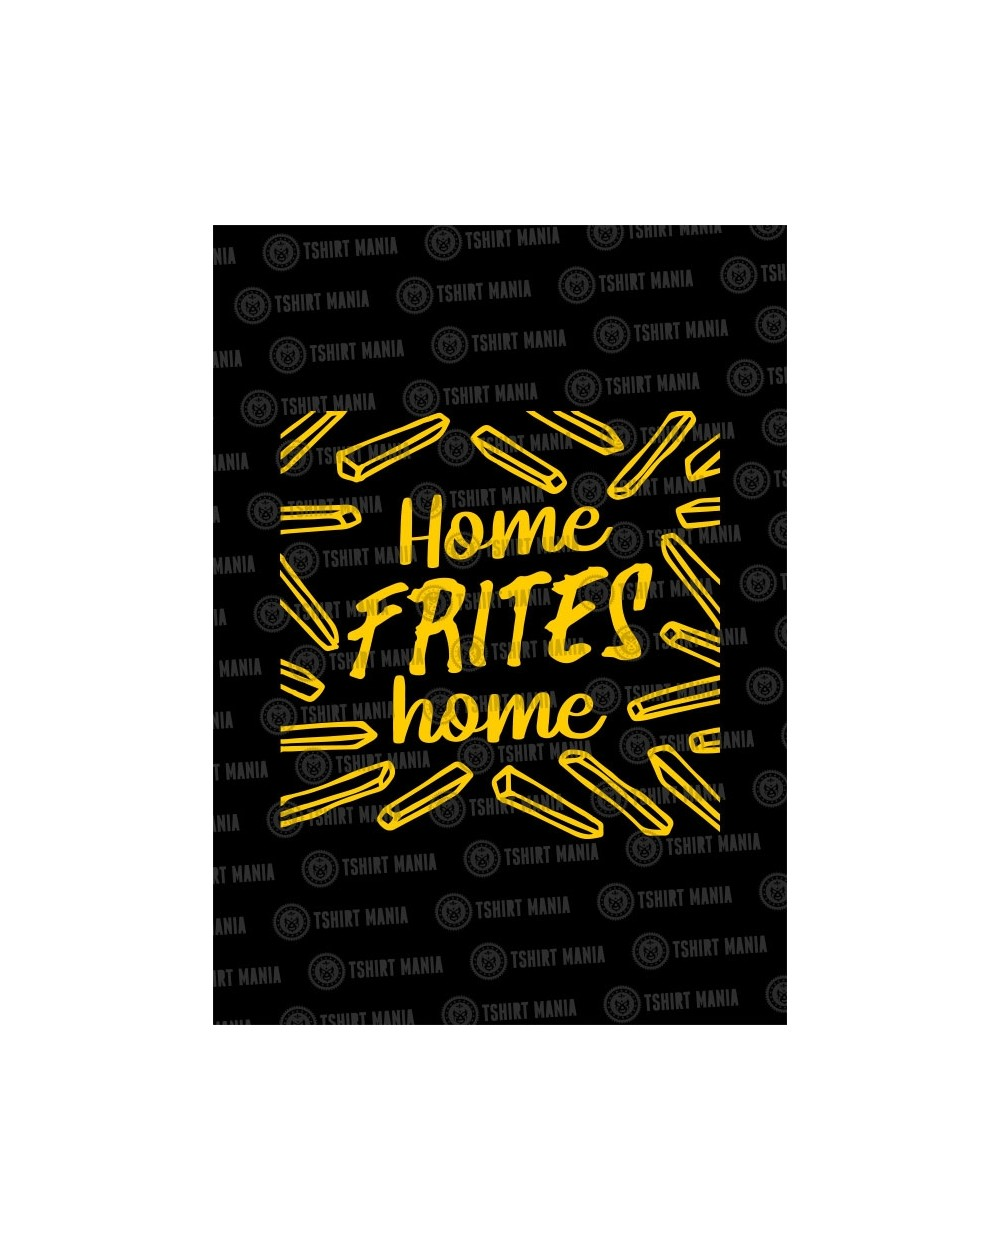 Home rites home kids